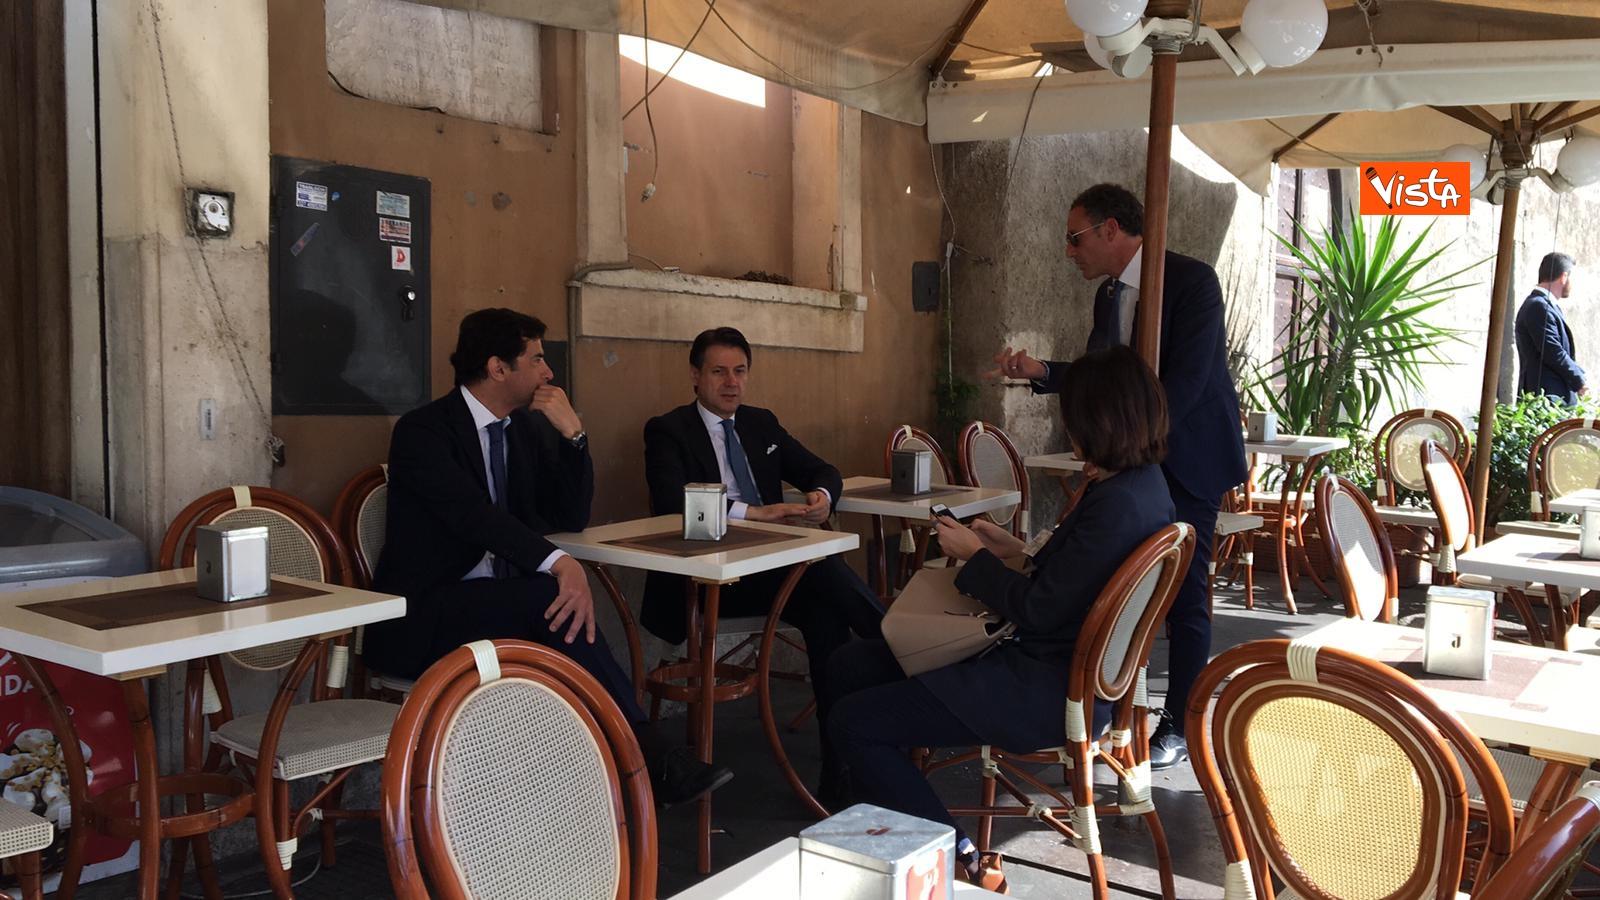 25-04-19 Conte prende un caffe al bar al termine della cerimonia all Altare della Patria per il 25 Aprile_06